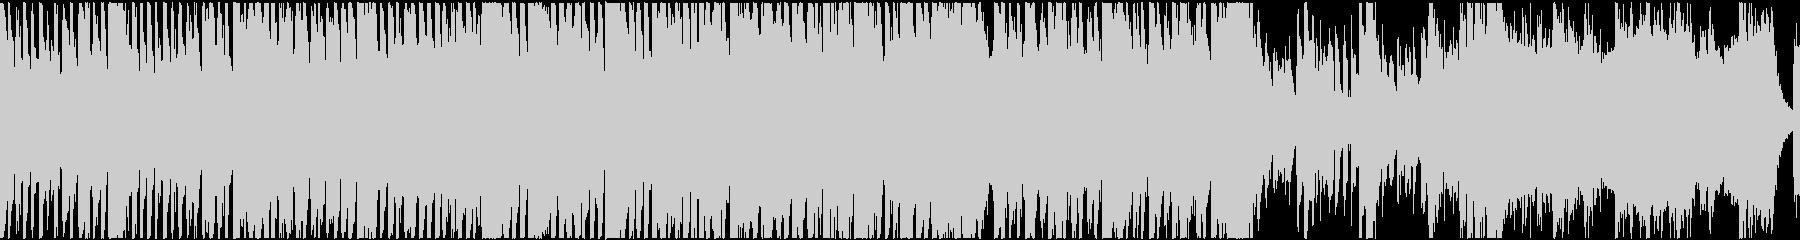 怪しい道化師のテーマ(ループ)の未再生の波形